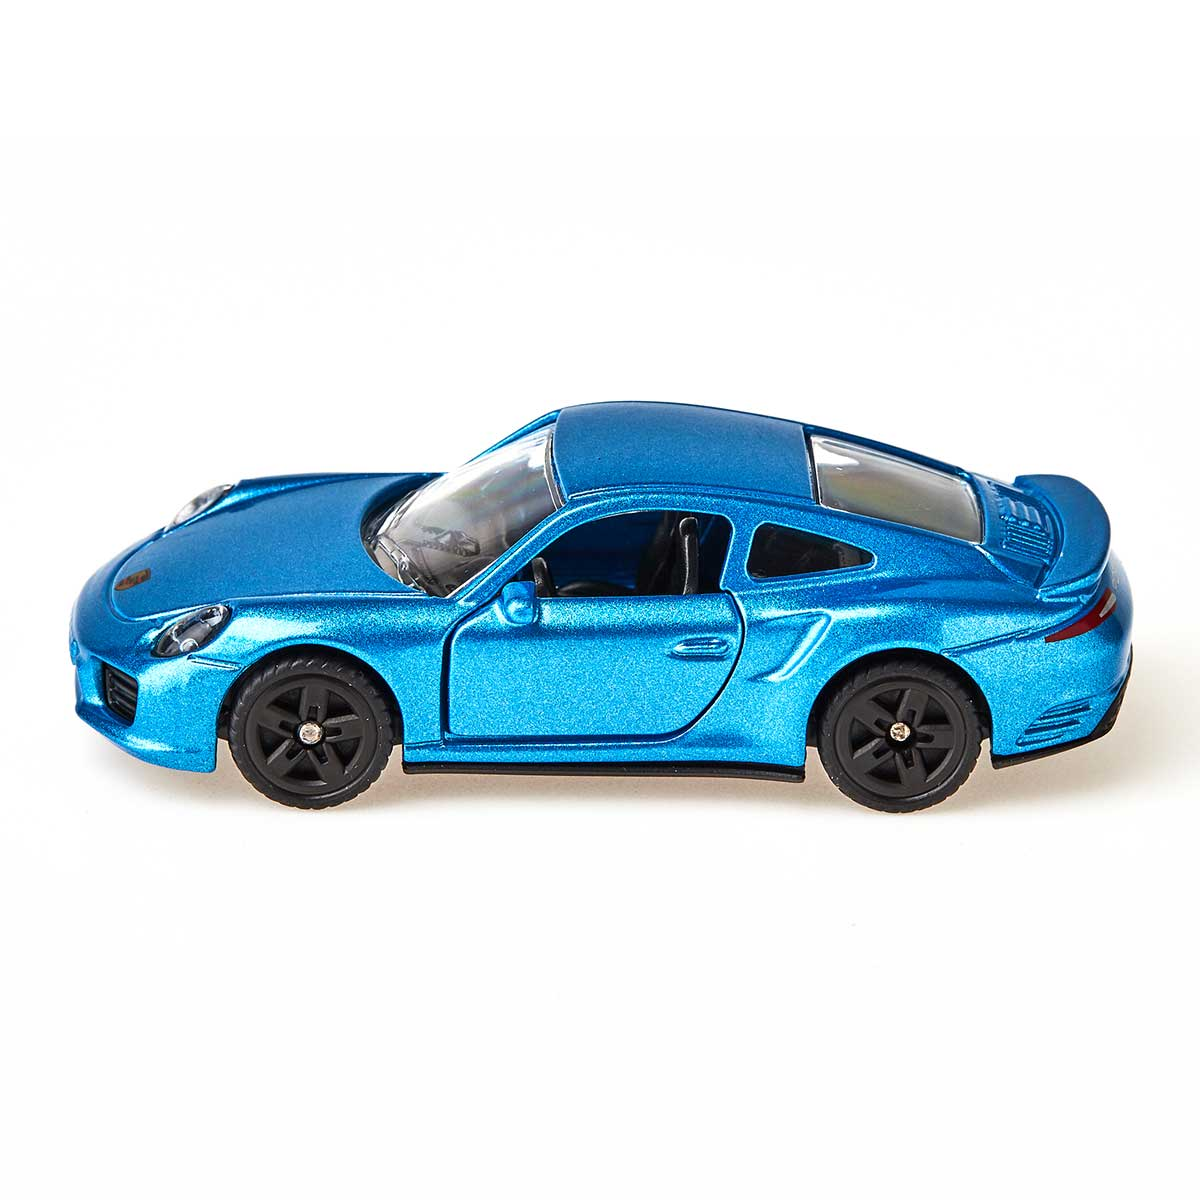 ポルシェ 911 Turbo S(ジク・SIKU)